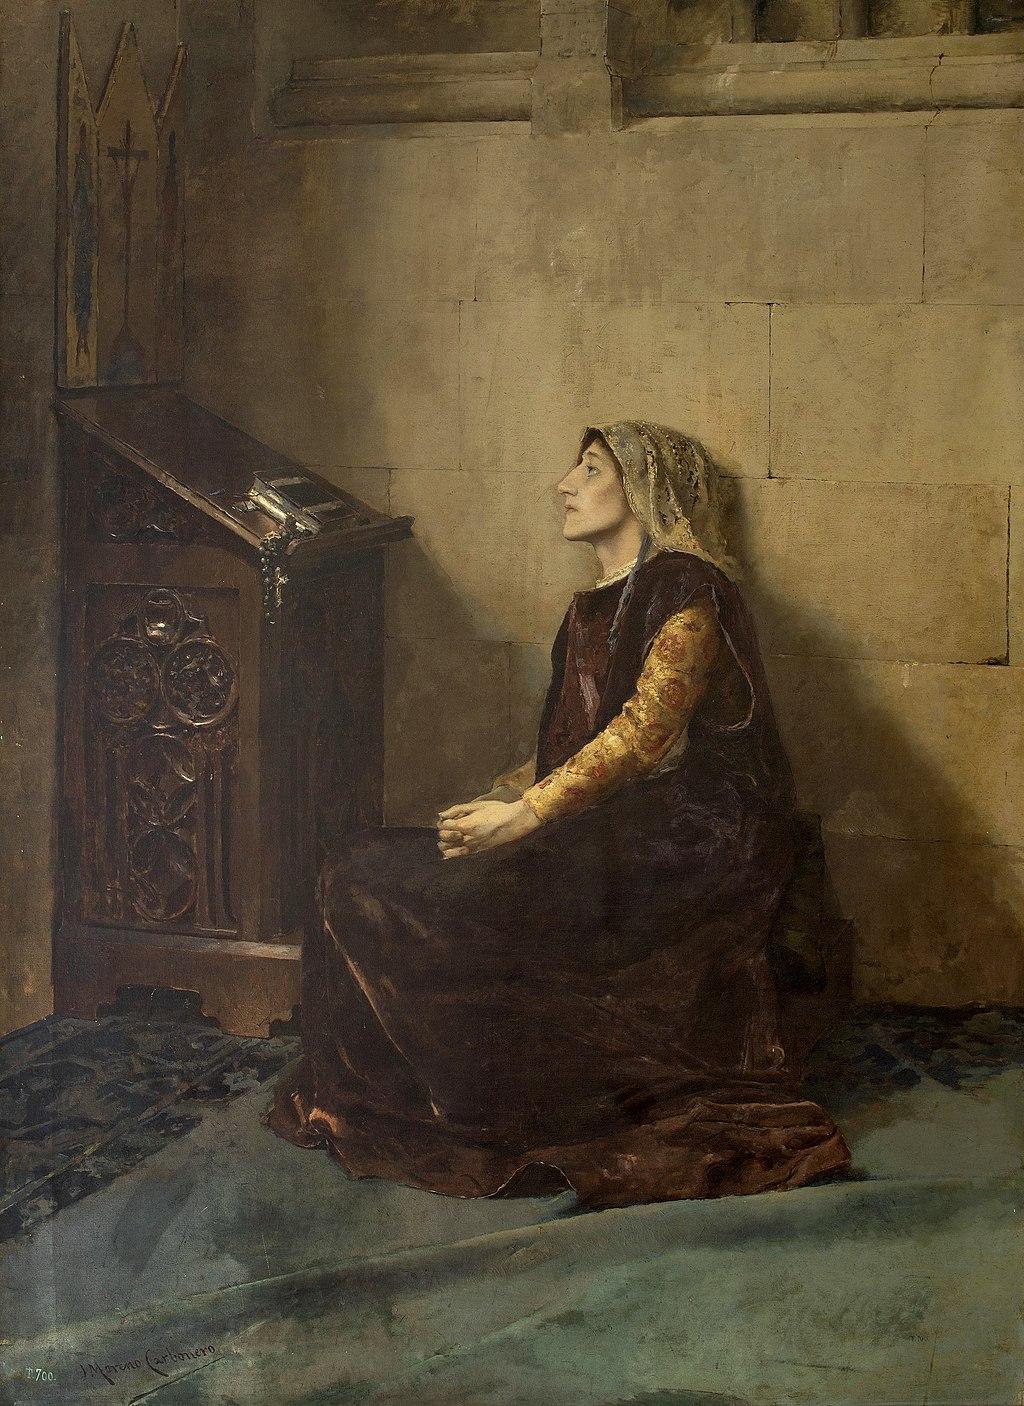 Blanca II de Navarra en su encierro en Olite. Museo del Prado